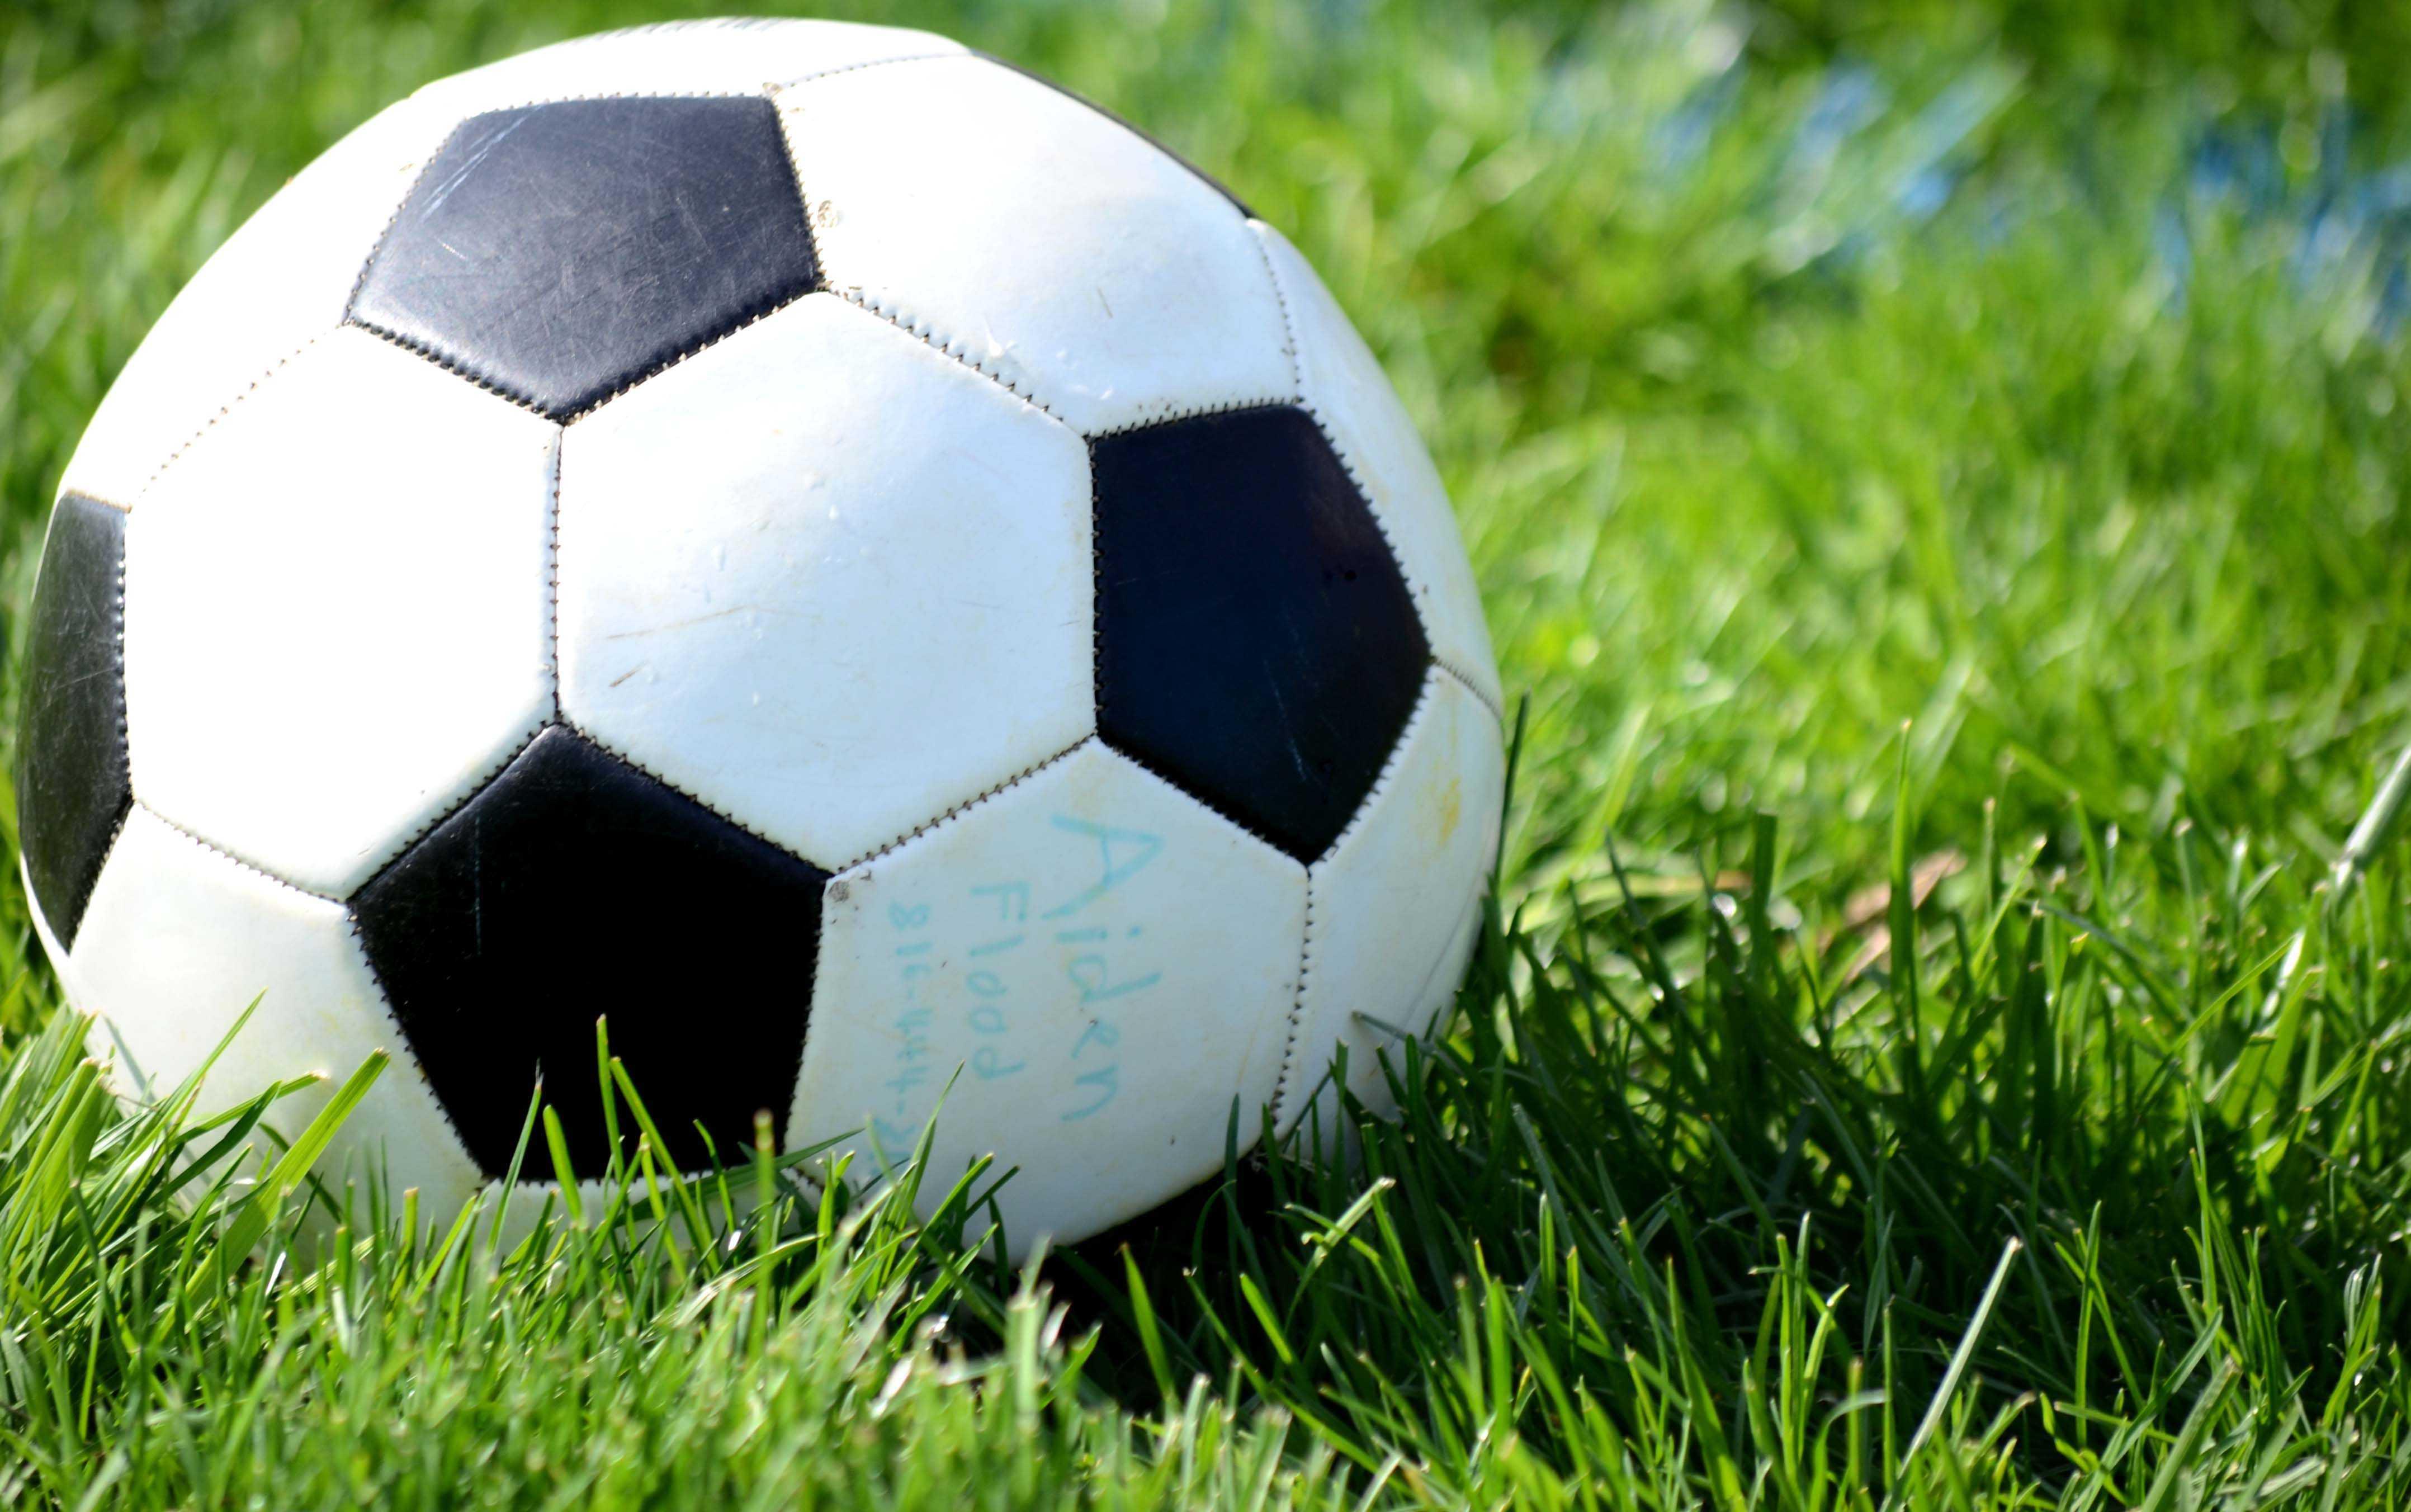 Gallery: Peewee Soccer...